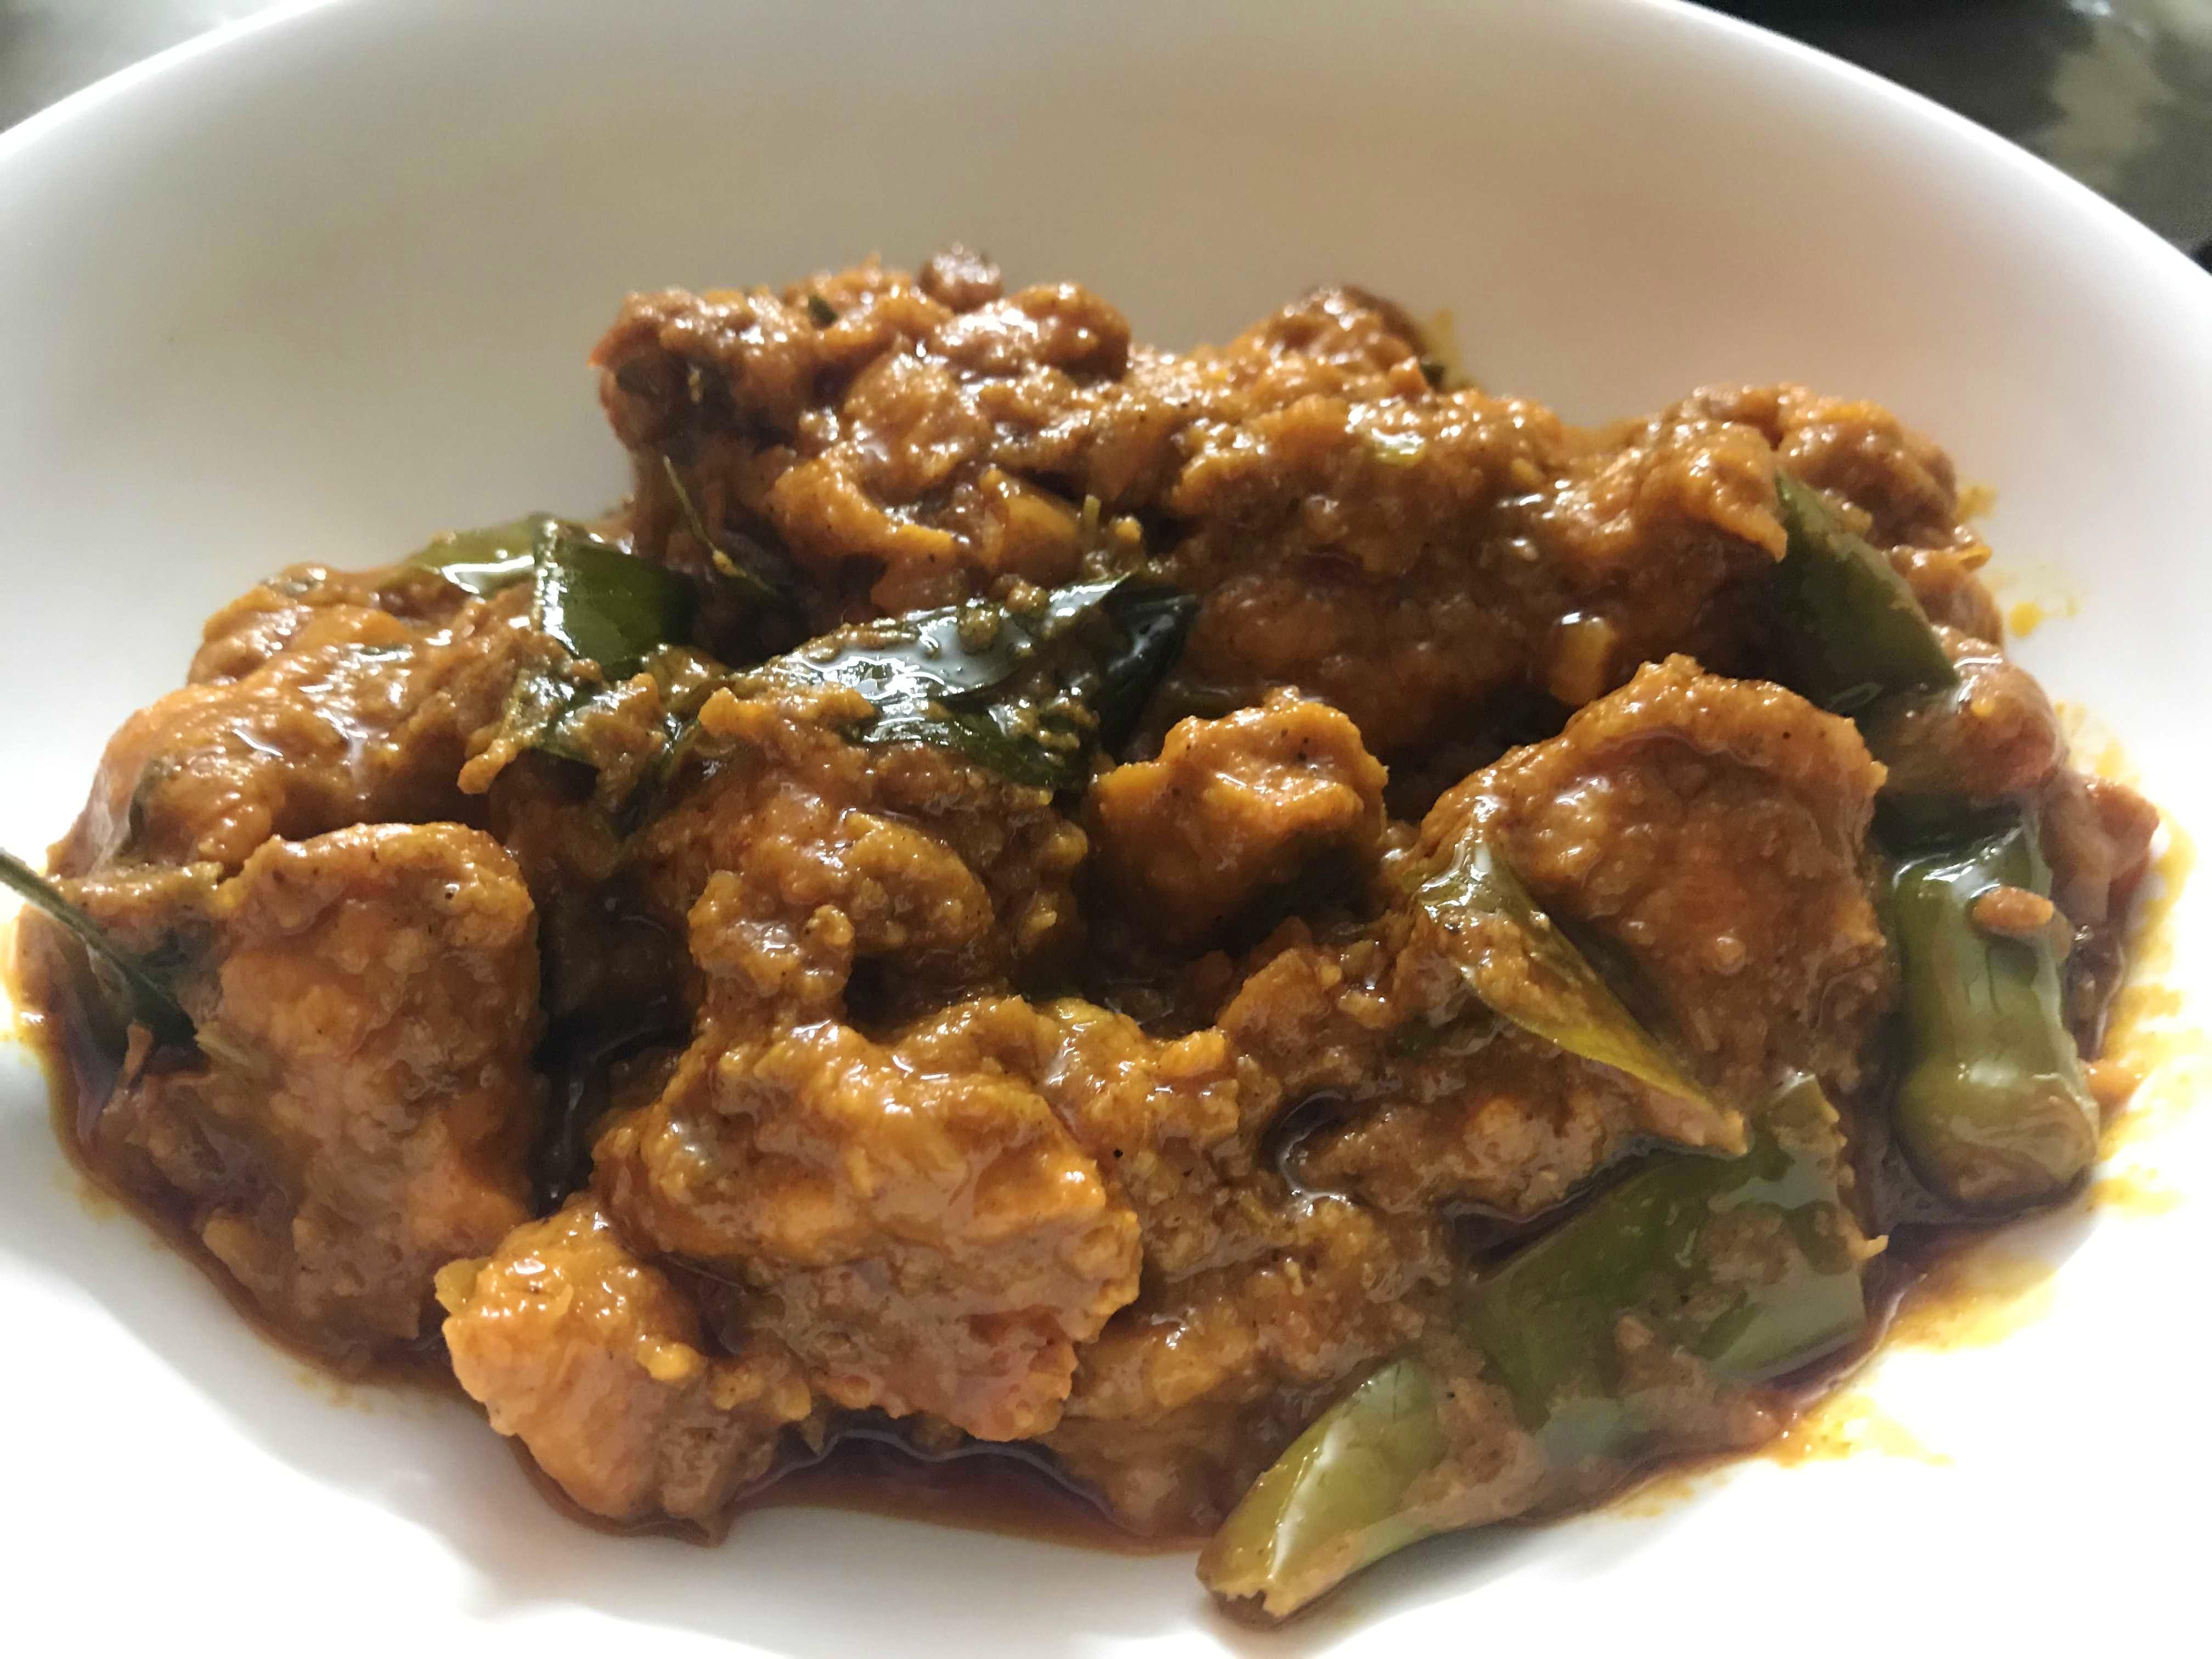 image - Meghana Foods